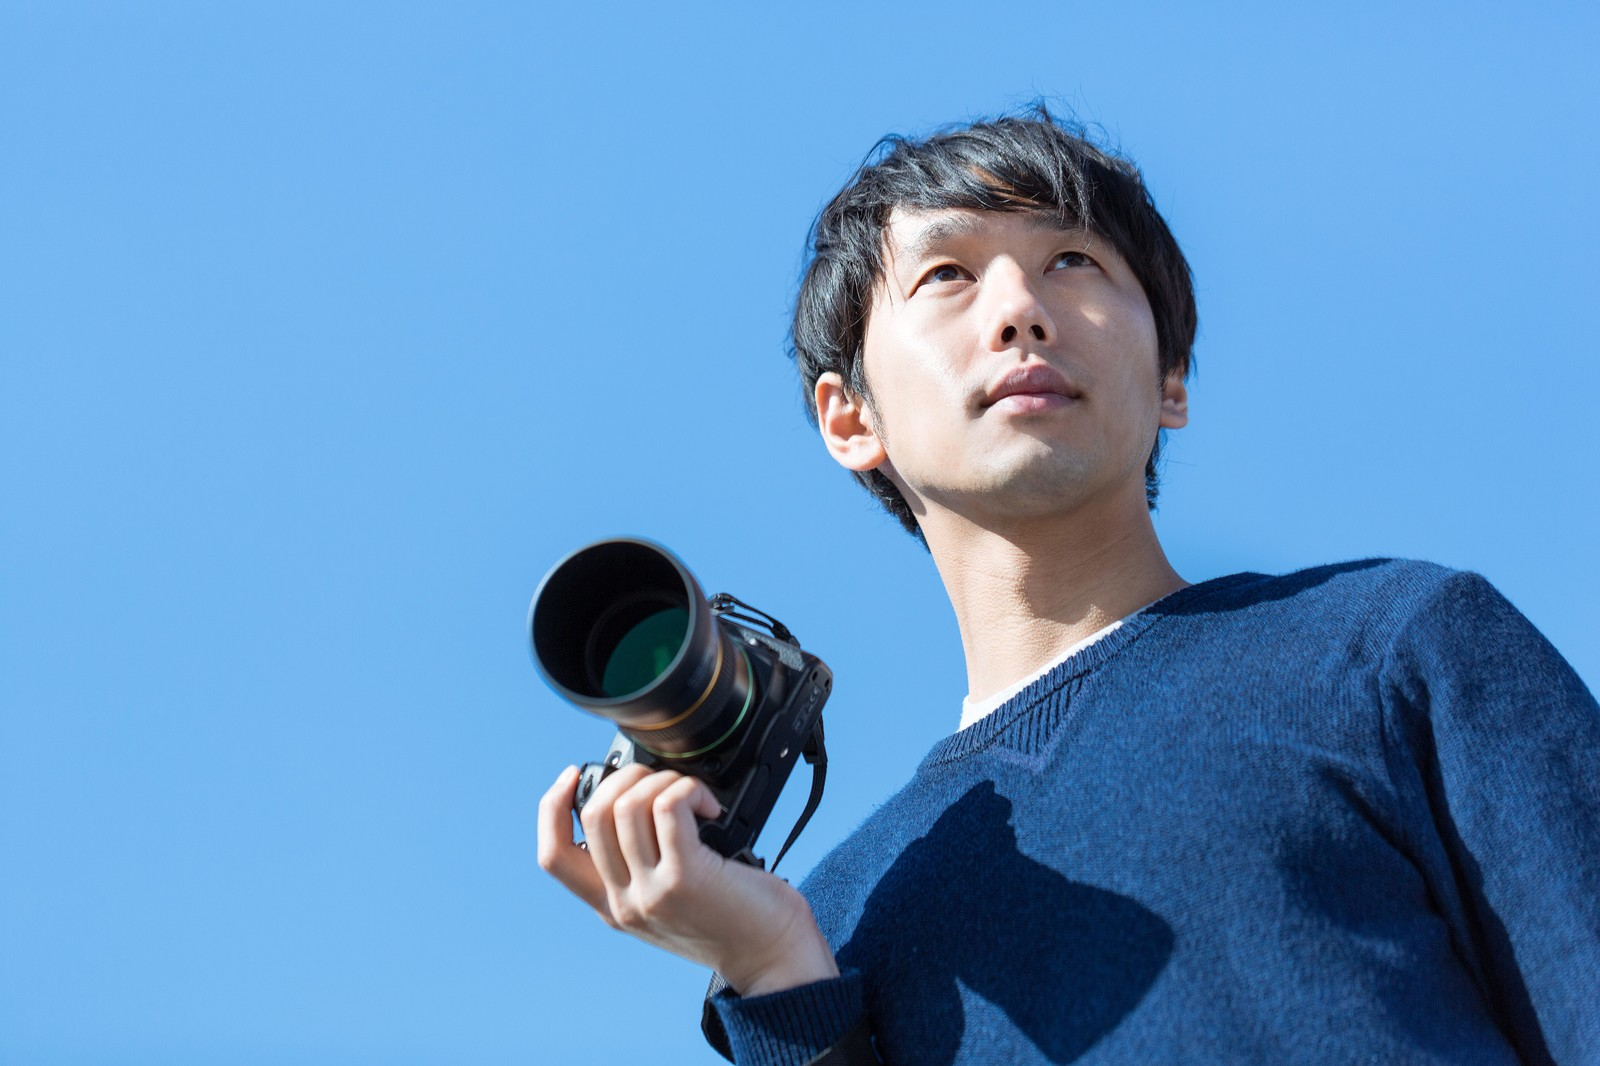 「お気に入りのカメラで外に出かけるカメラ男子」の写真[モデル:大川竜弥]